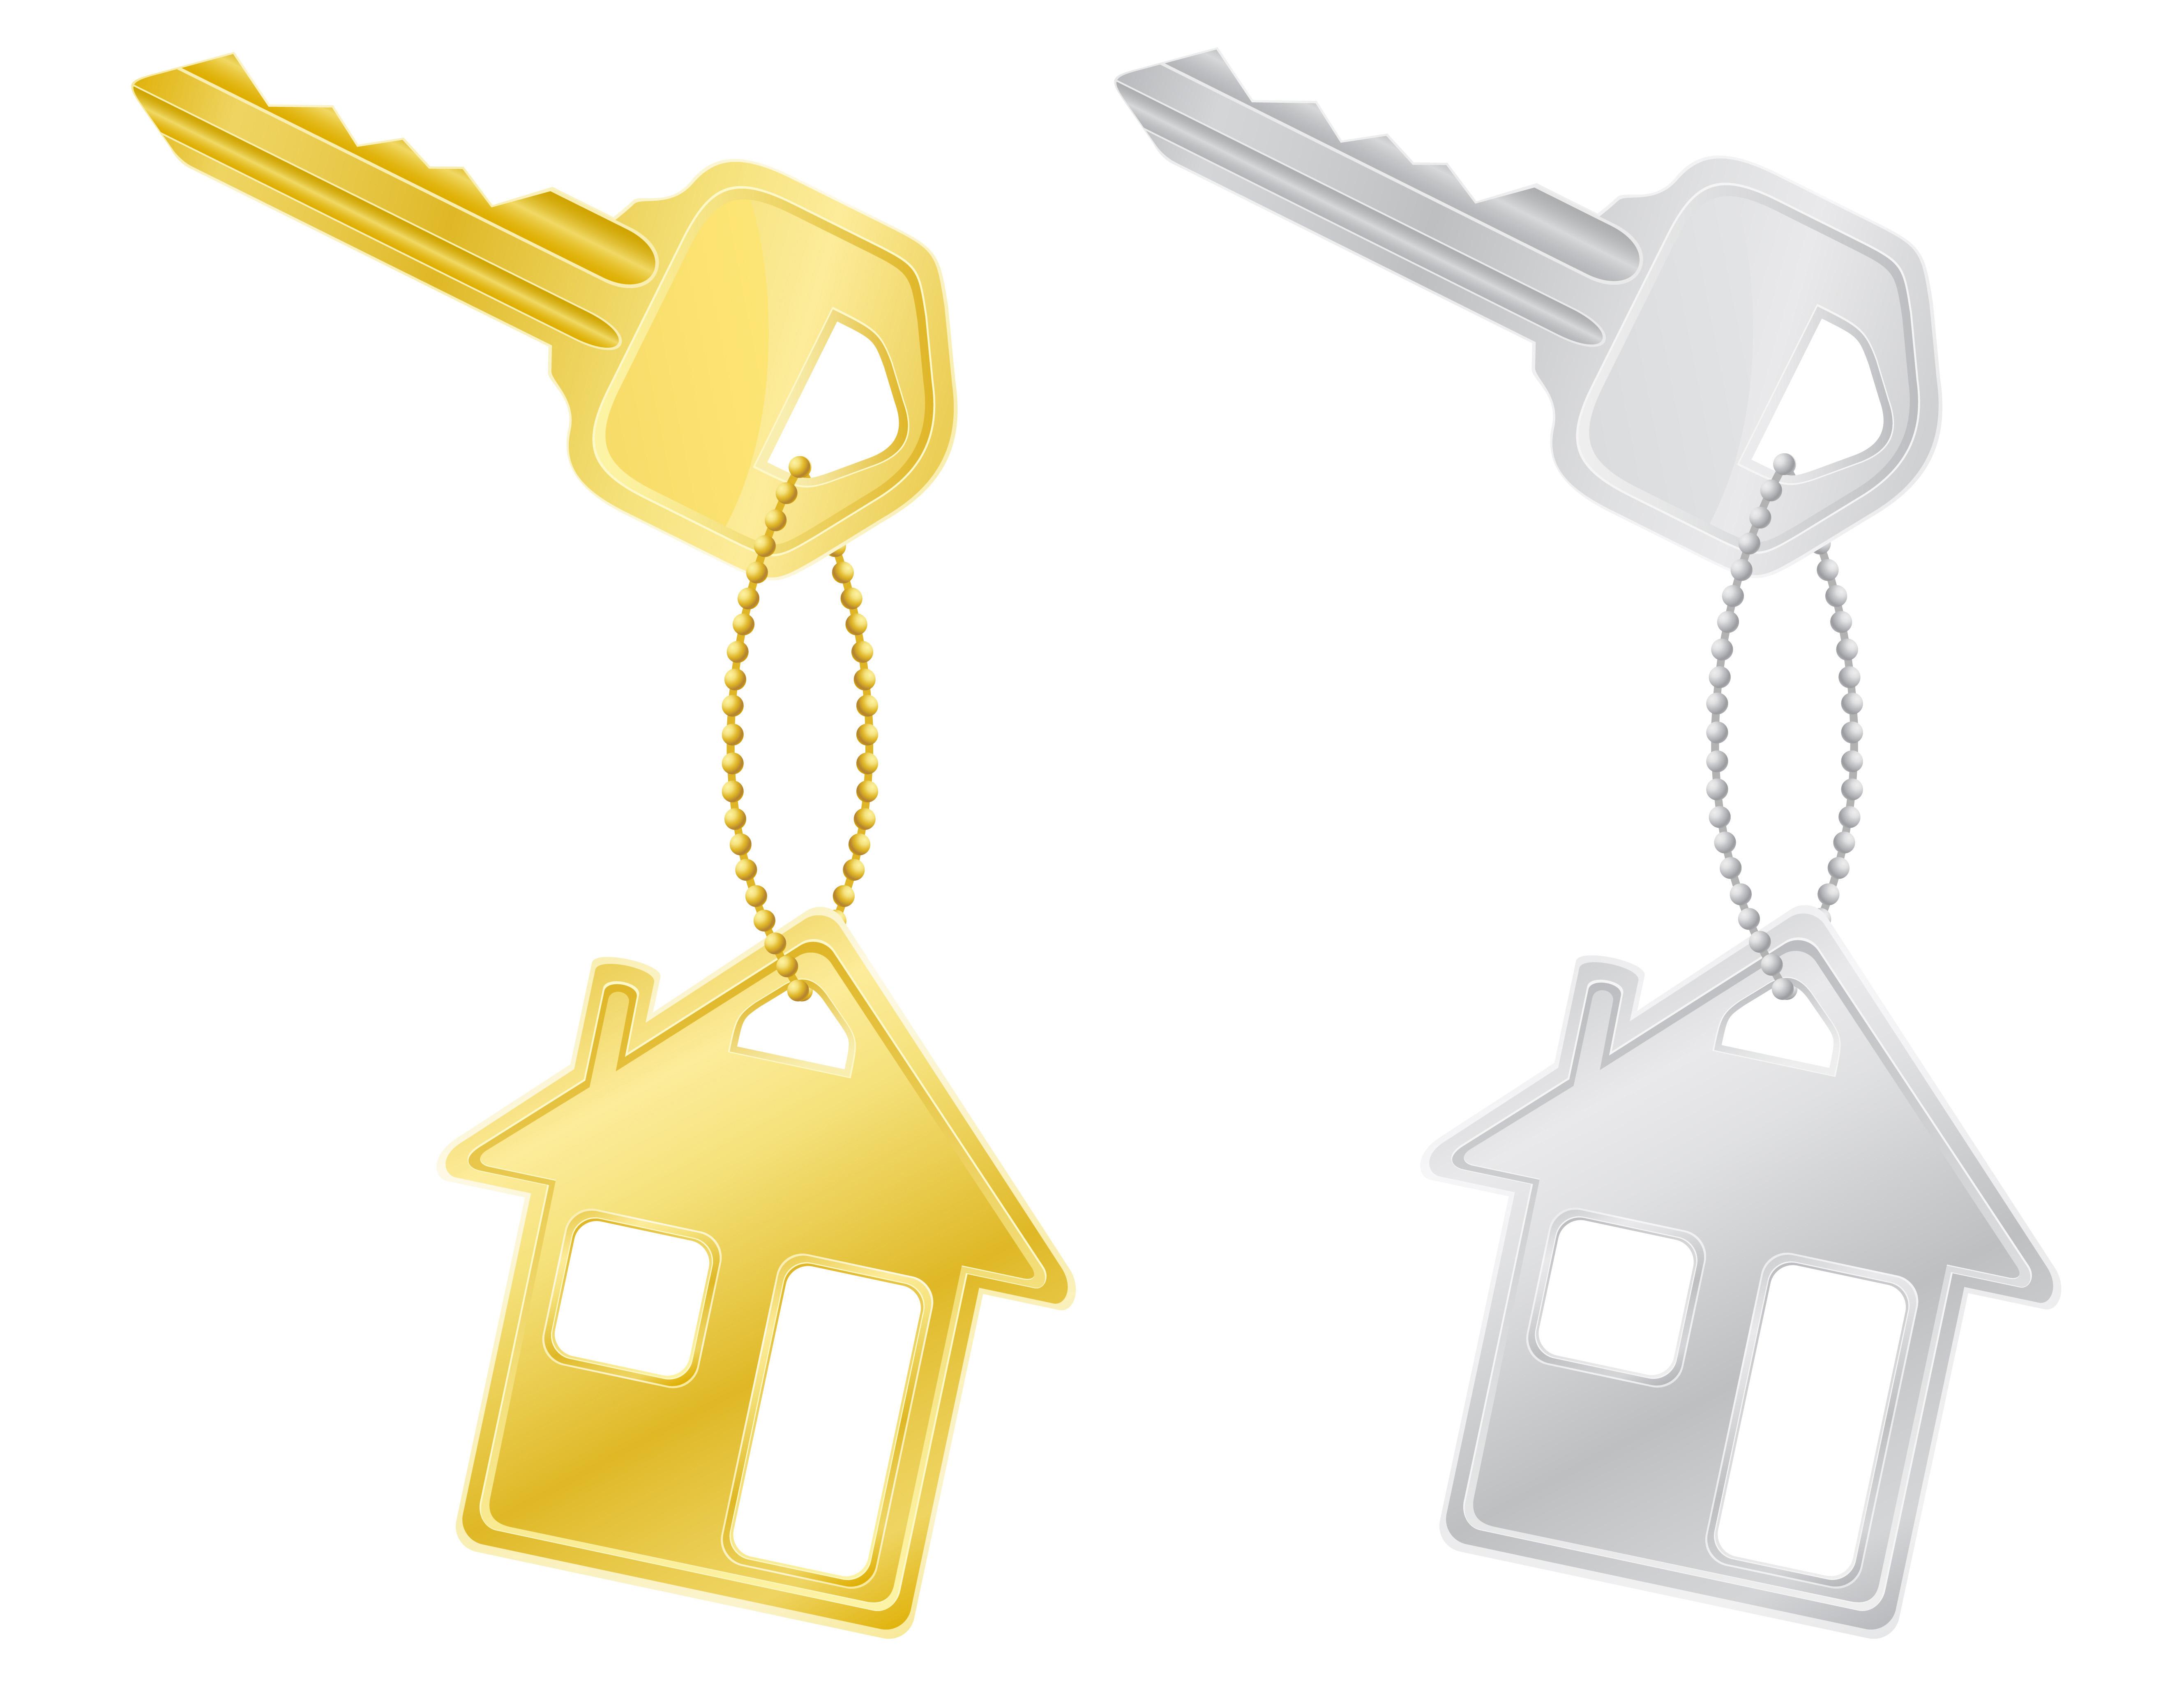 Vector Key Illustration: House Keys Door Lock Vector Illustration